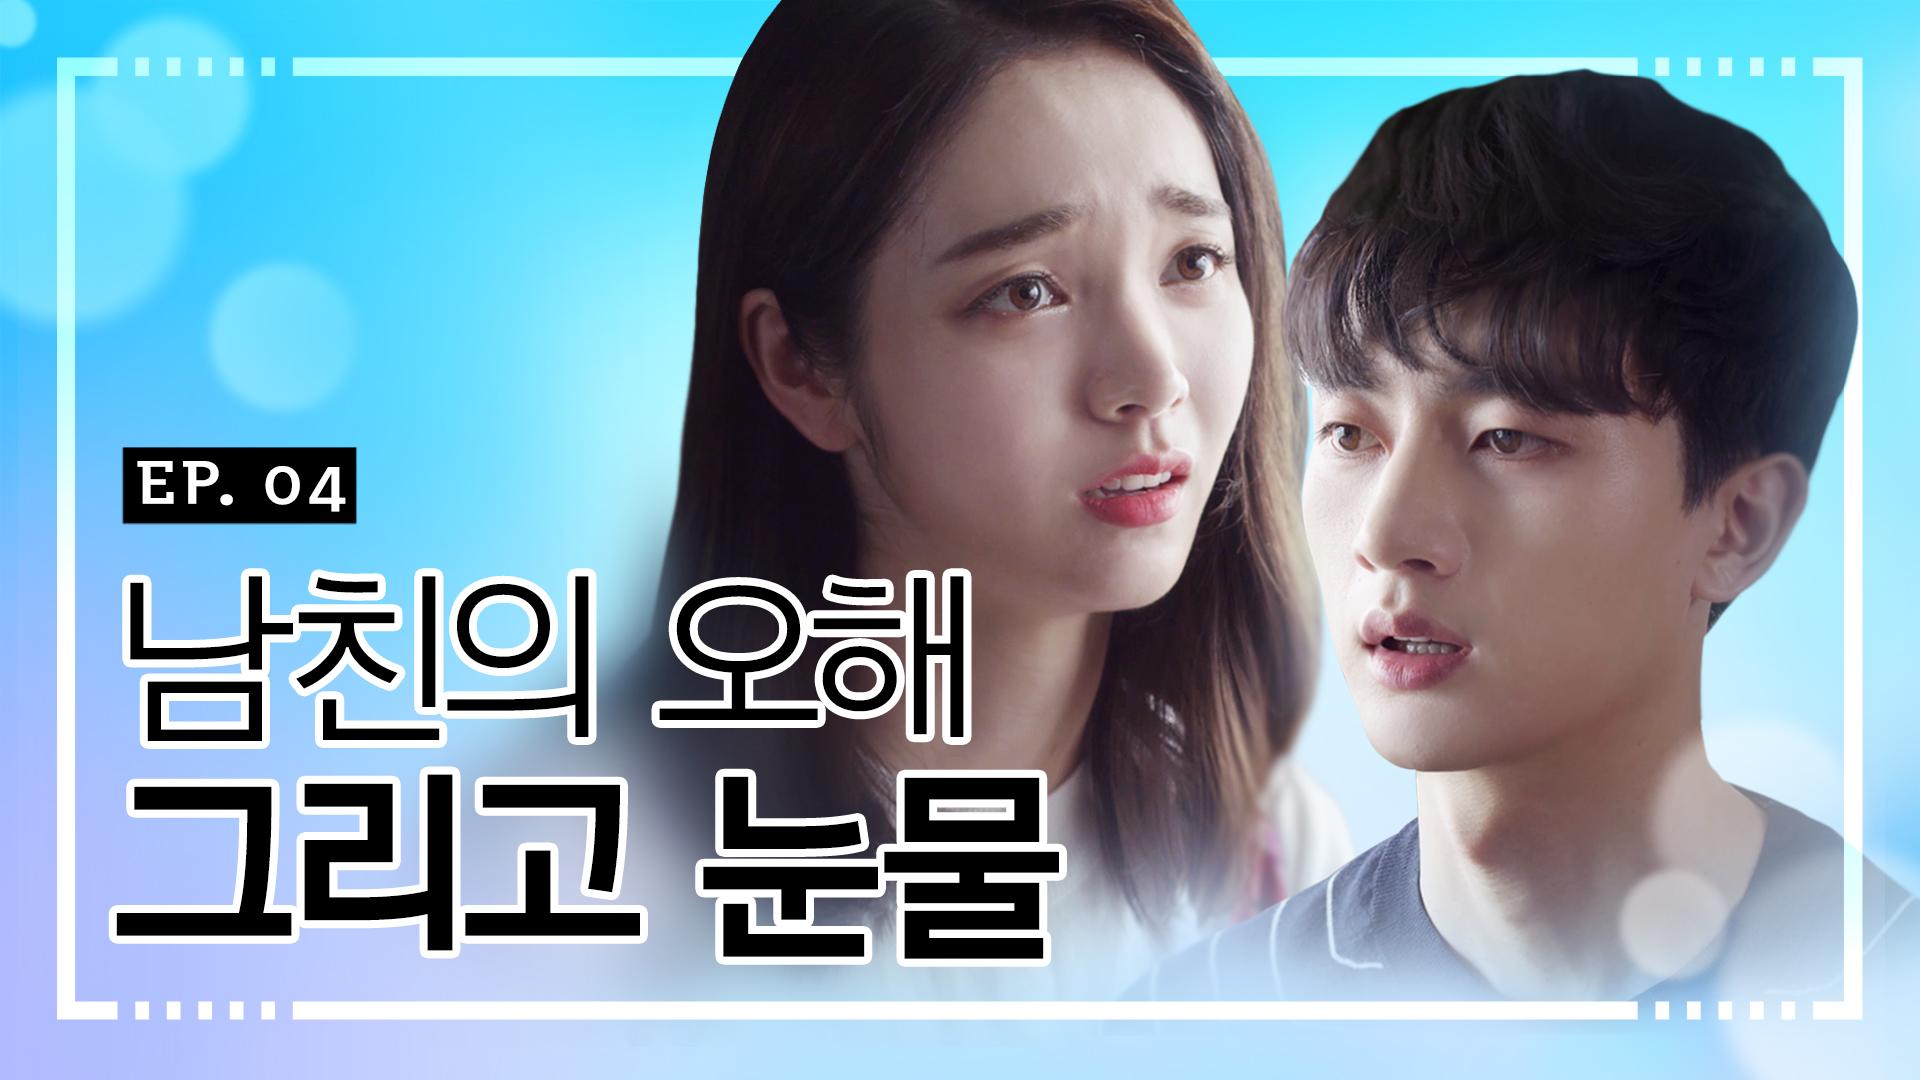 [여행에서로맨스를만날확률시즌2] EP 04_남친의 오해 그리고 눈물